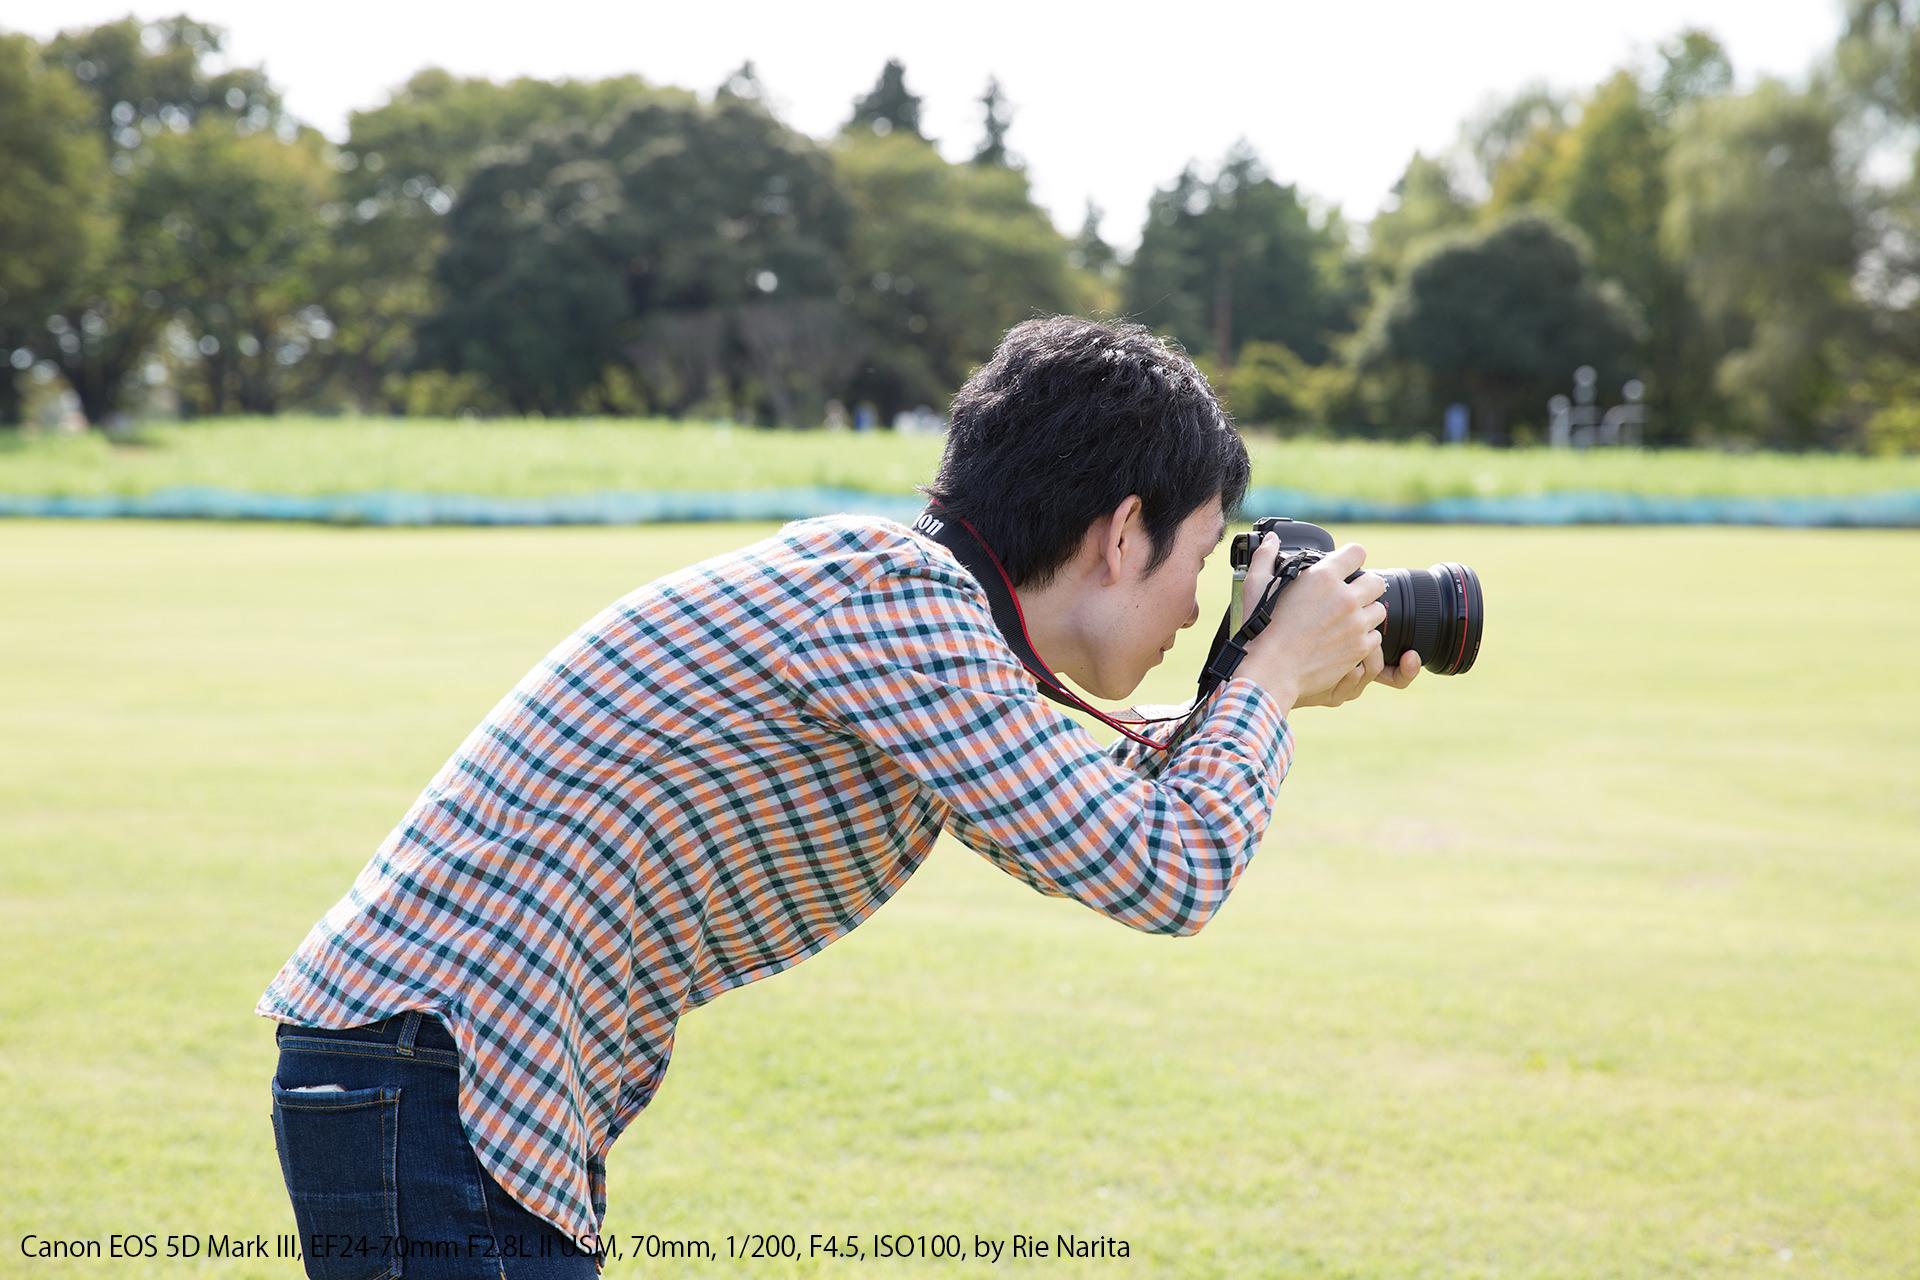 不安定な姿勢でカメラを構えているところ